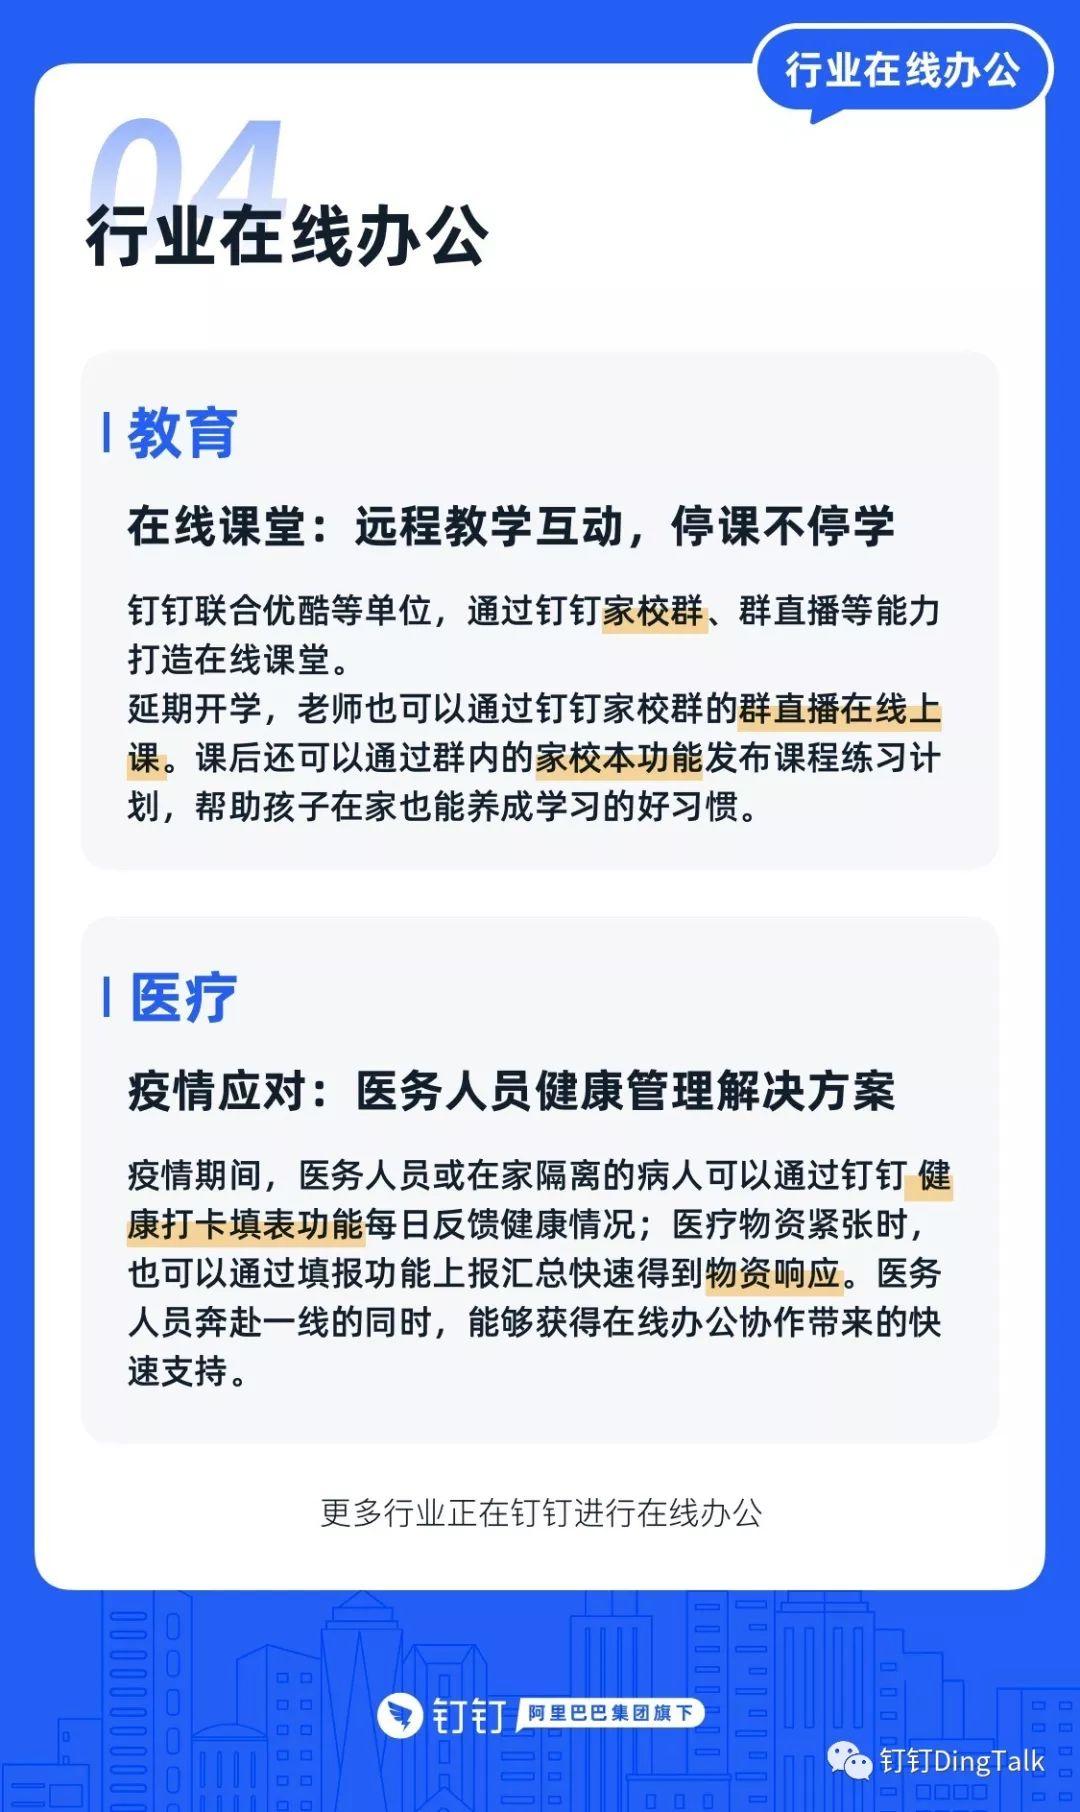 中國代表26個國家在聯大批評美西方國家侵犯人權